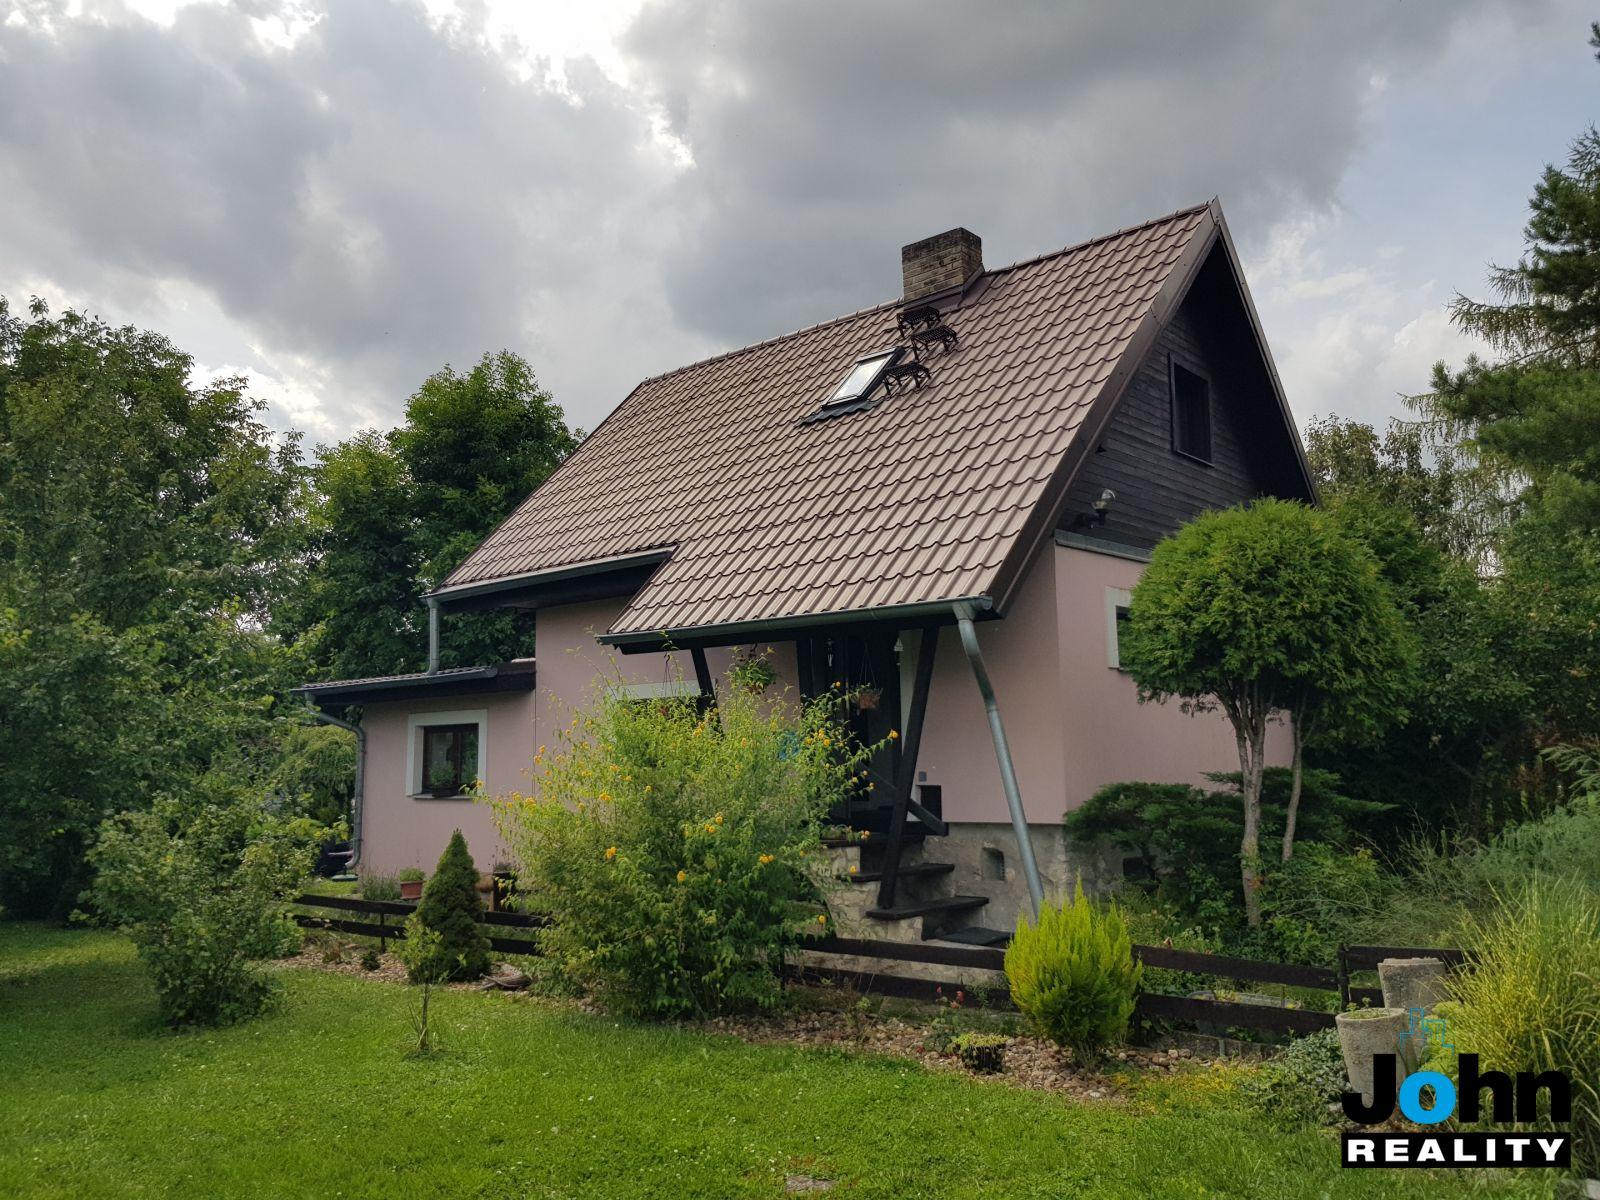 Prodej chaty v Třebívlicích, okr. Litoměřice